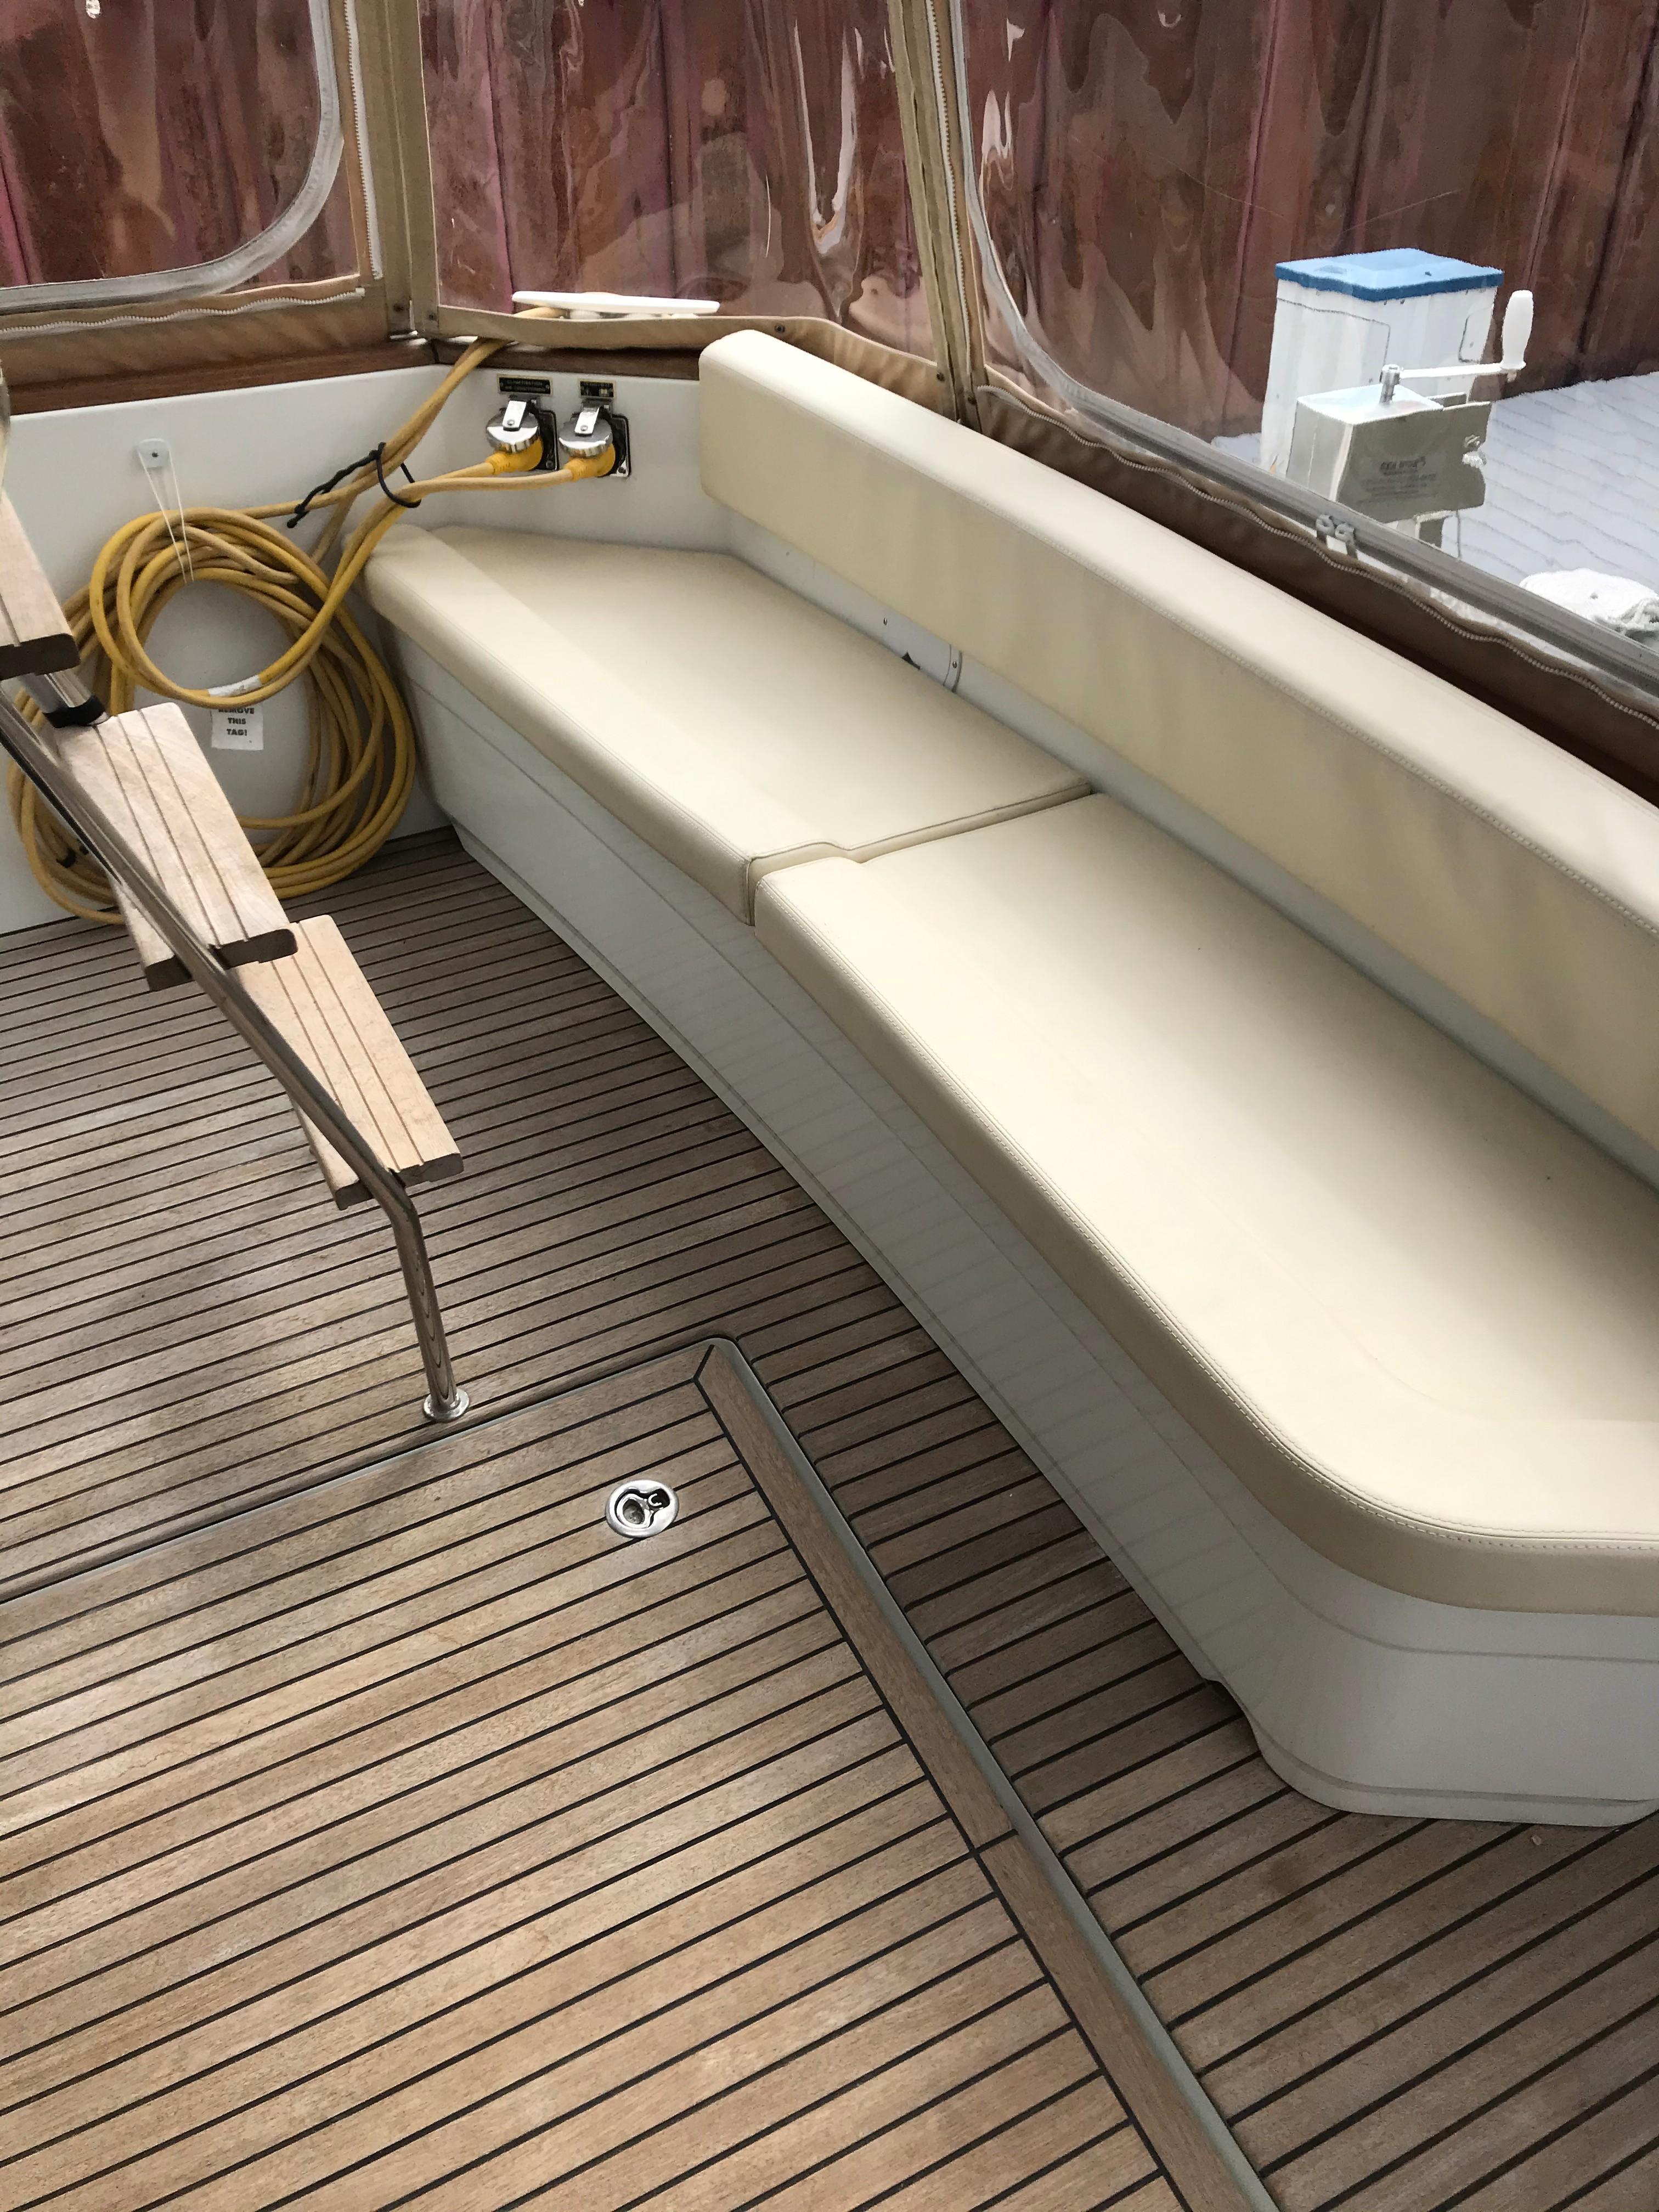 Beneteau 34 Swift Trawler - Cockpit Lounge Seat upgrade/Teak Decking